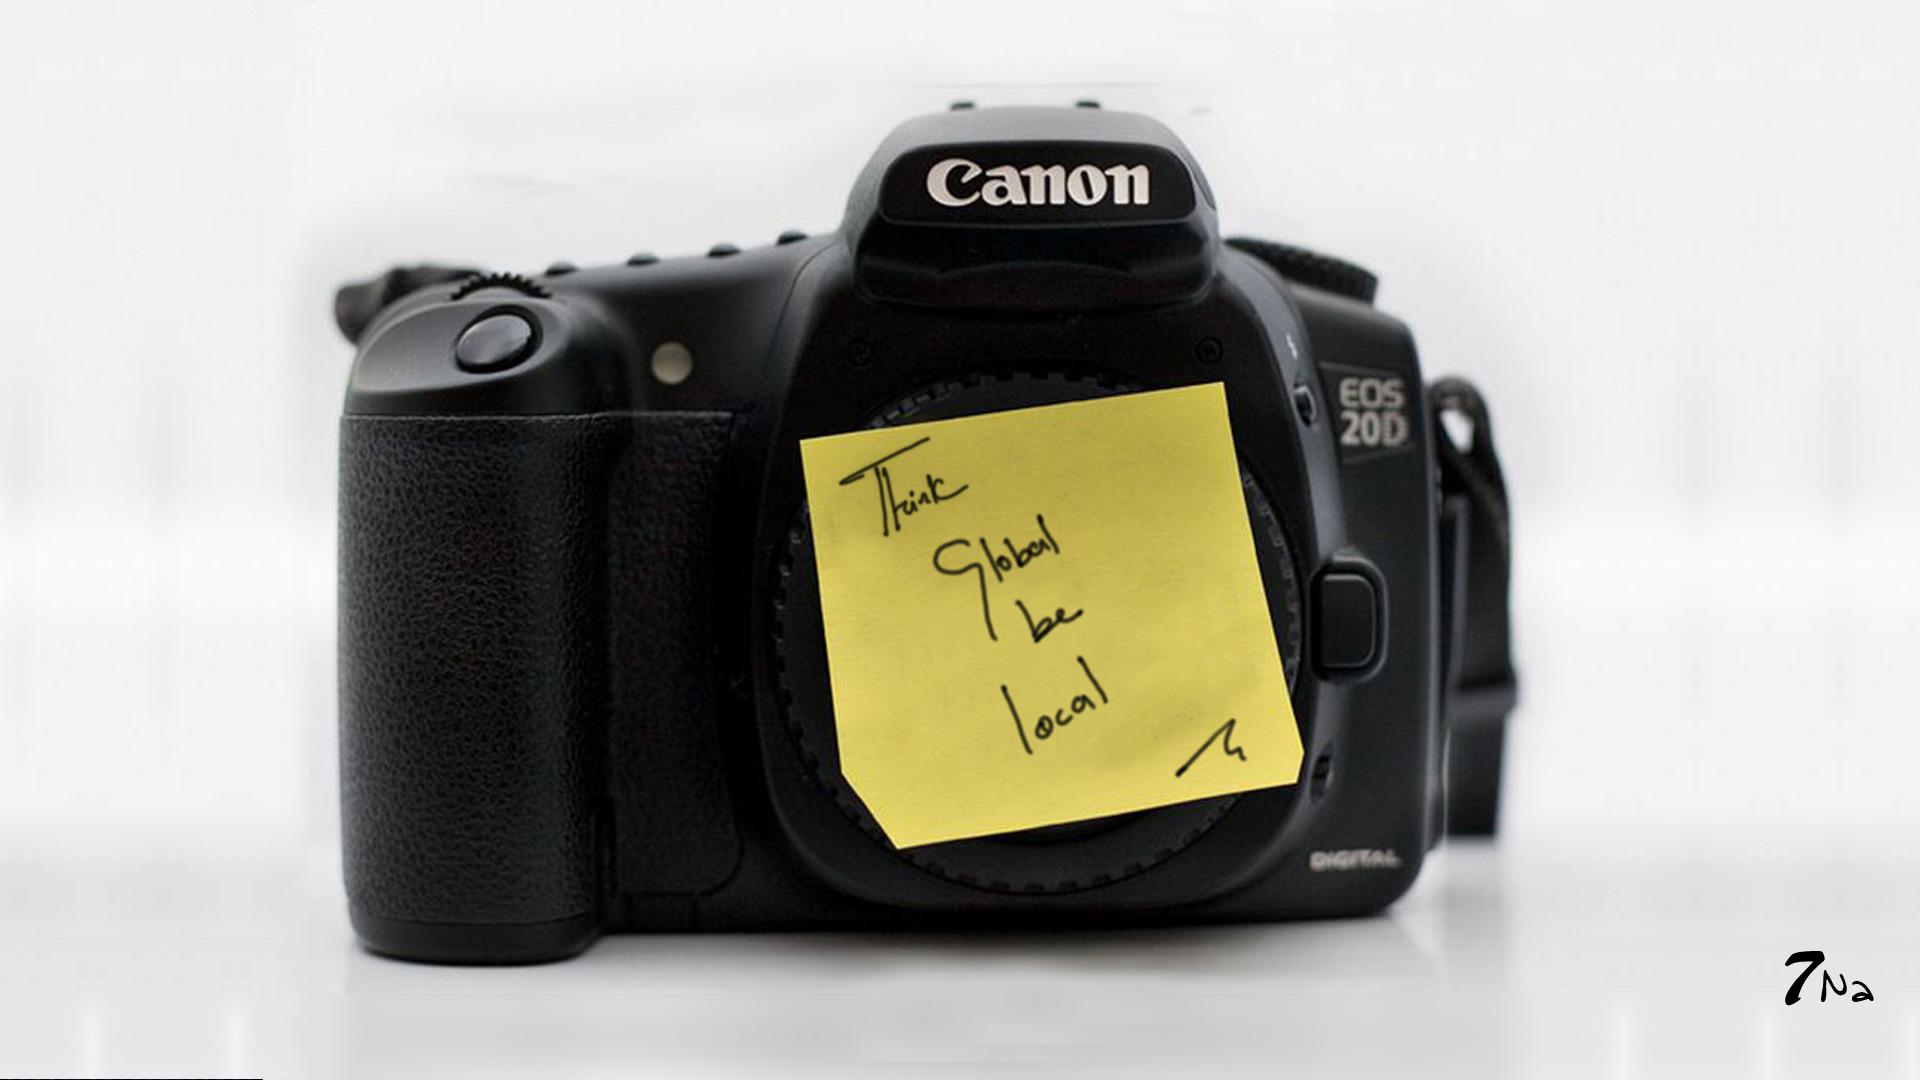 Canon Camera HD Wallpaper 1920x1080 1920x1080